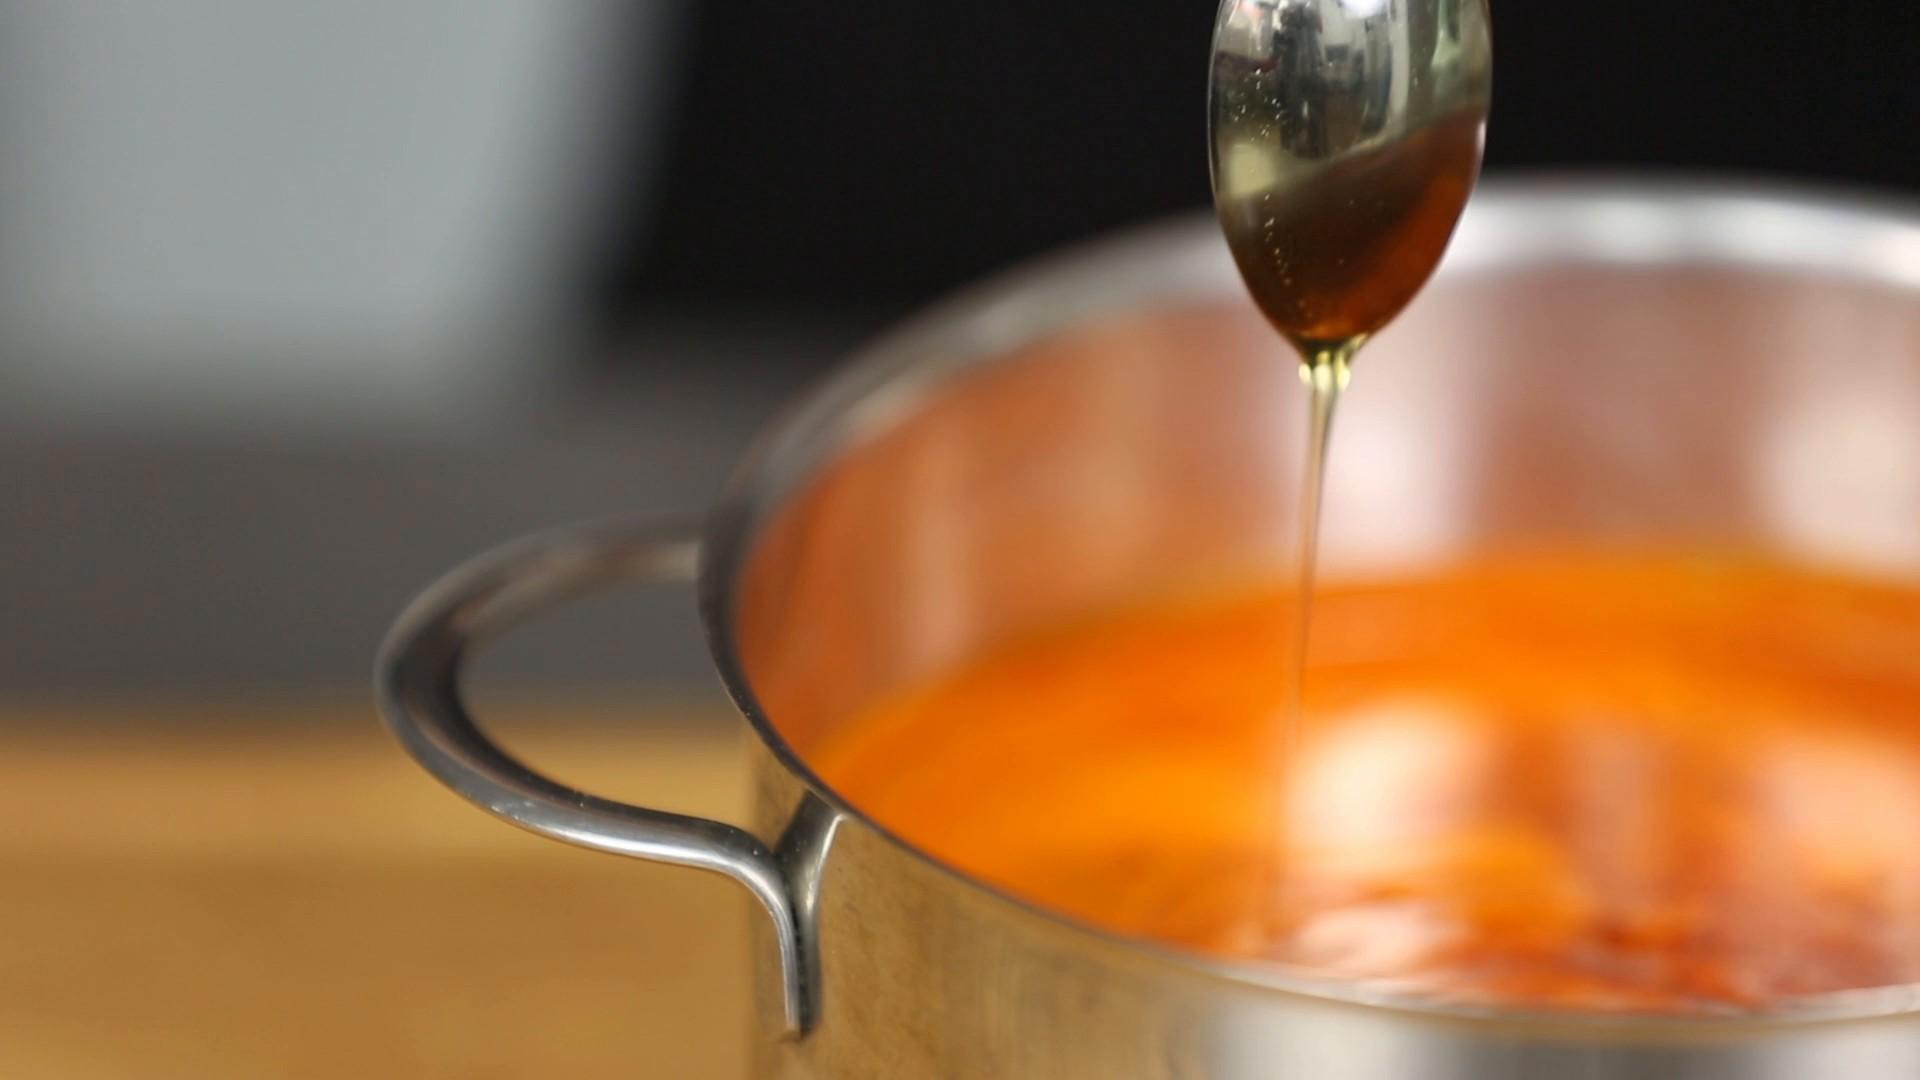 3 Tipps für versalzene Suppe_EL_NEU.mp4: image 3